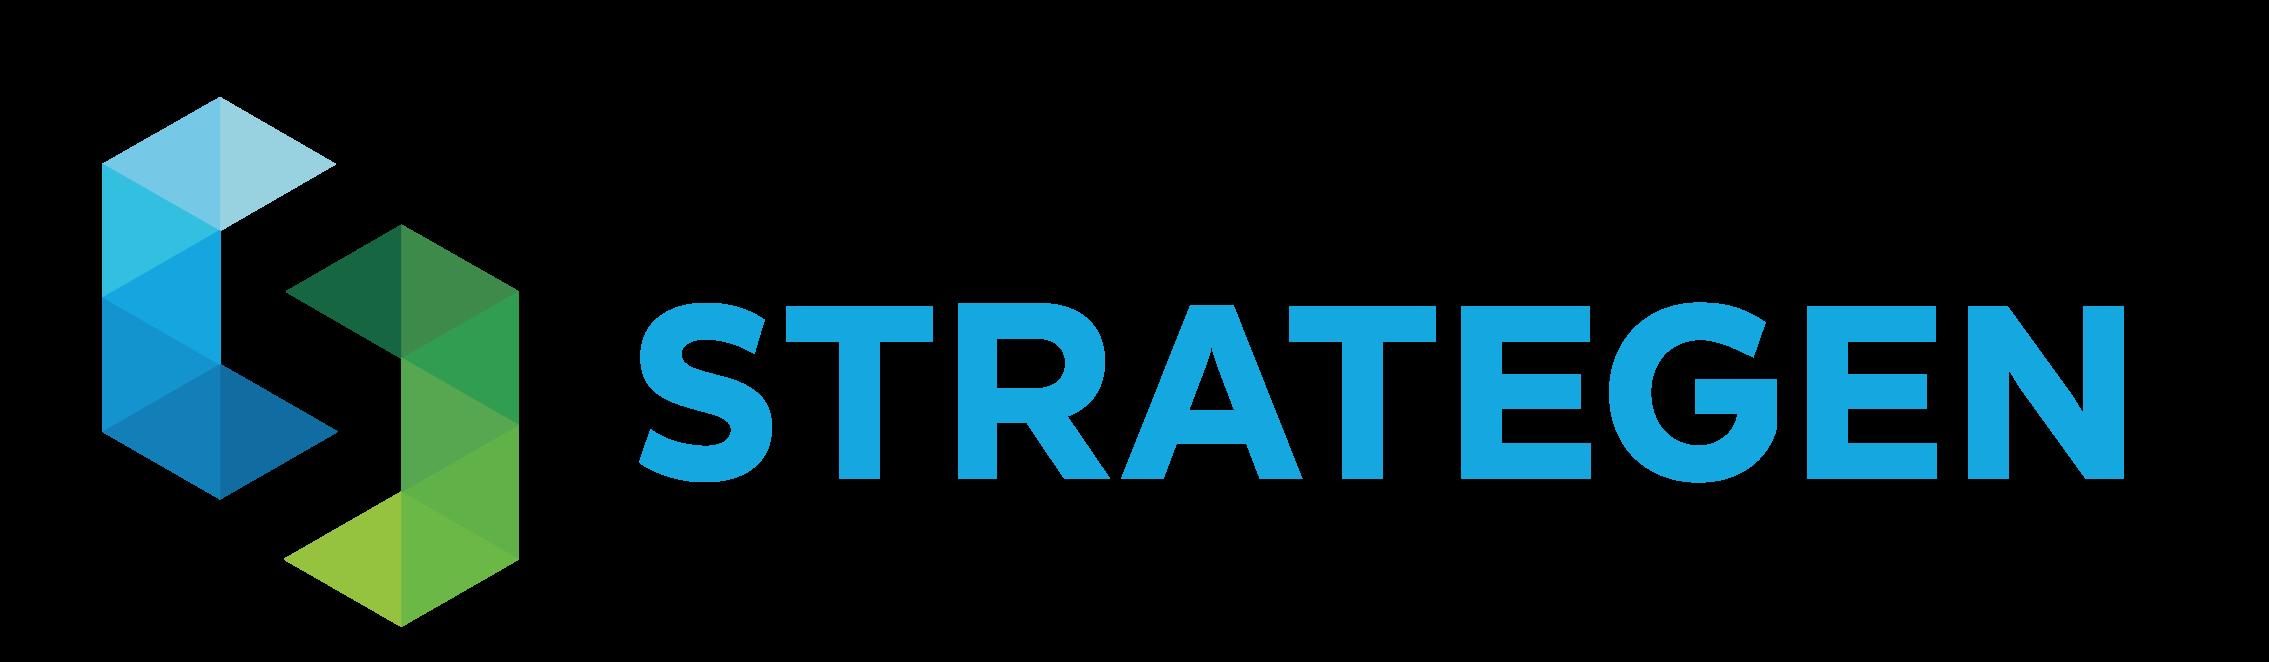 Strategen Logo-01-PNG No background